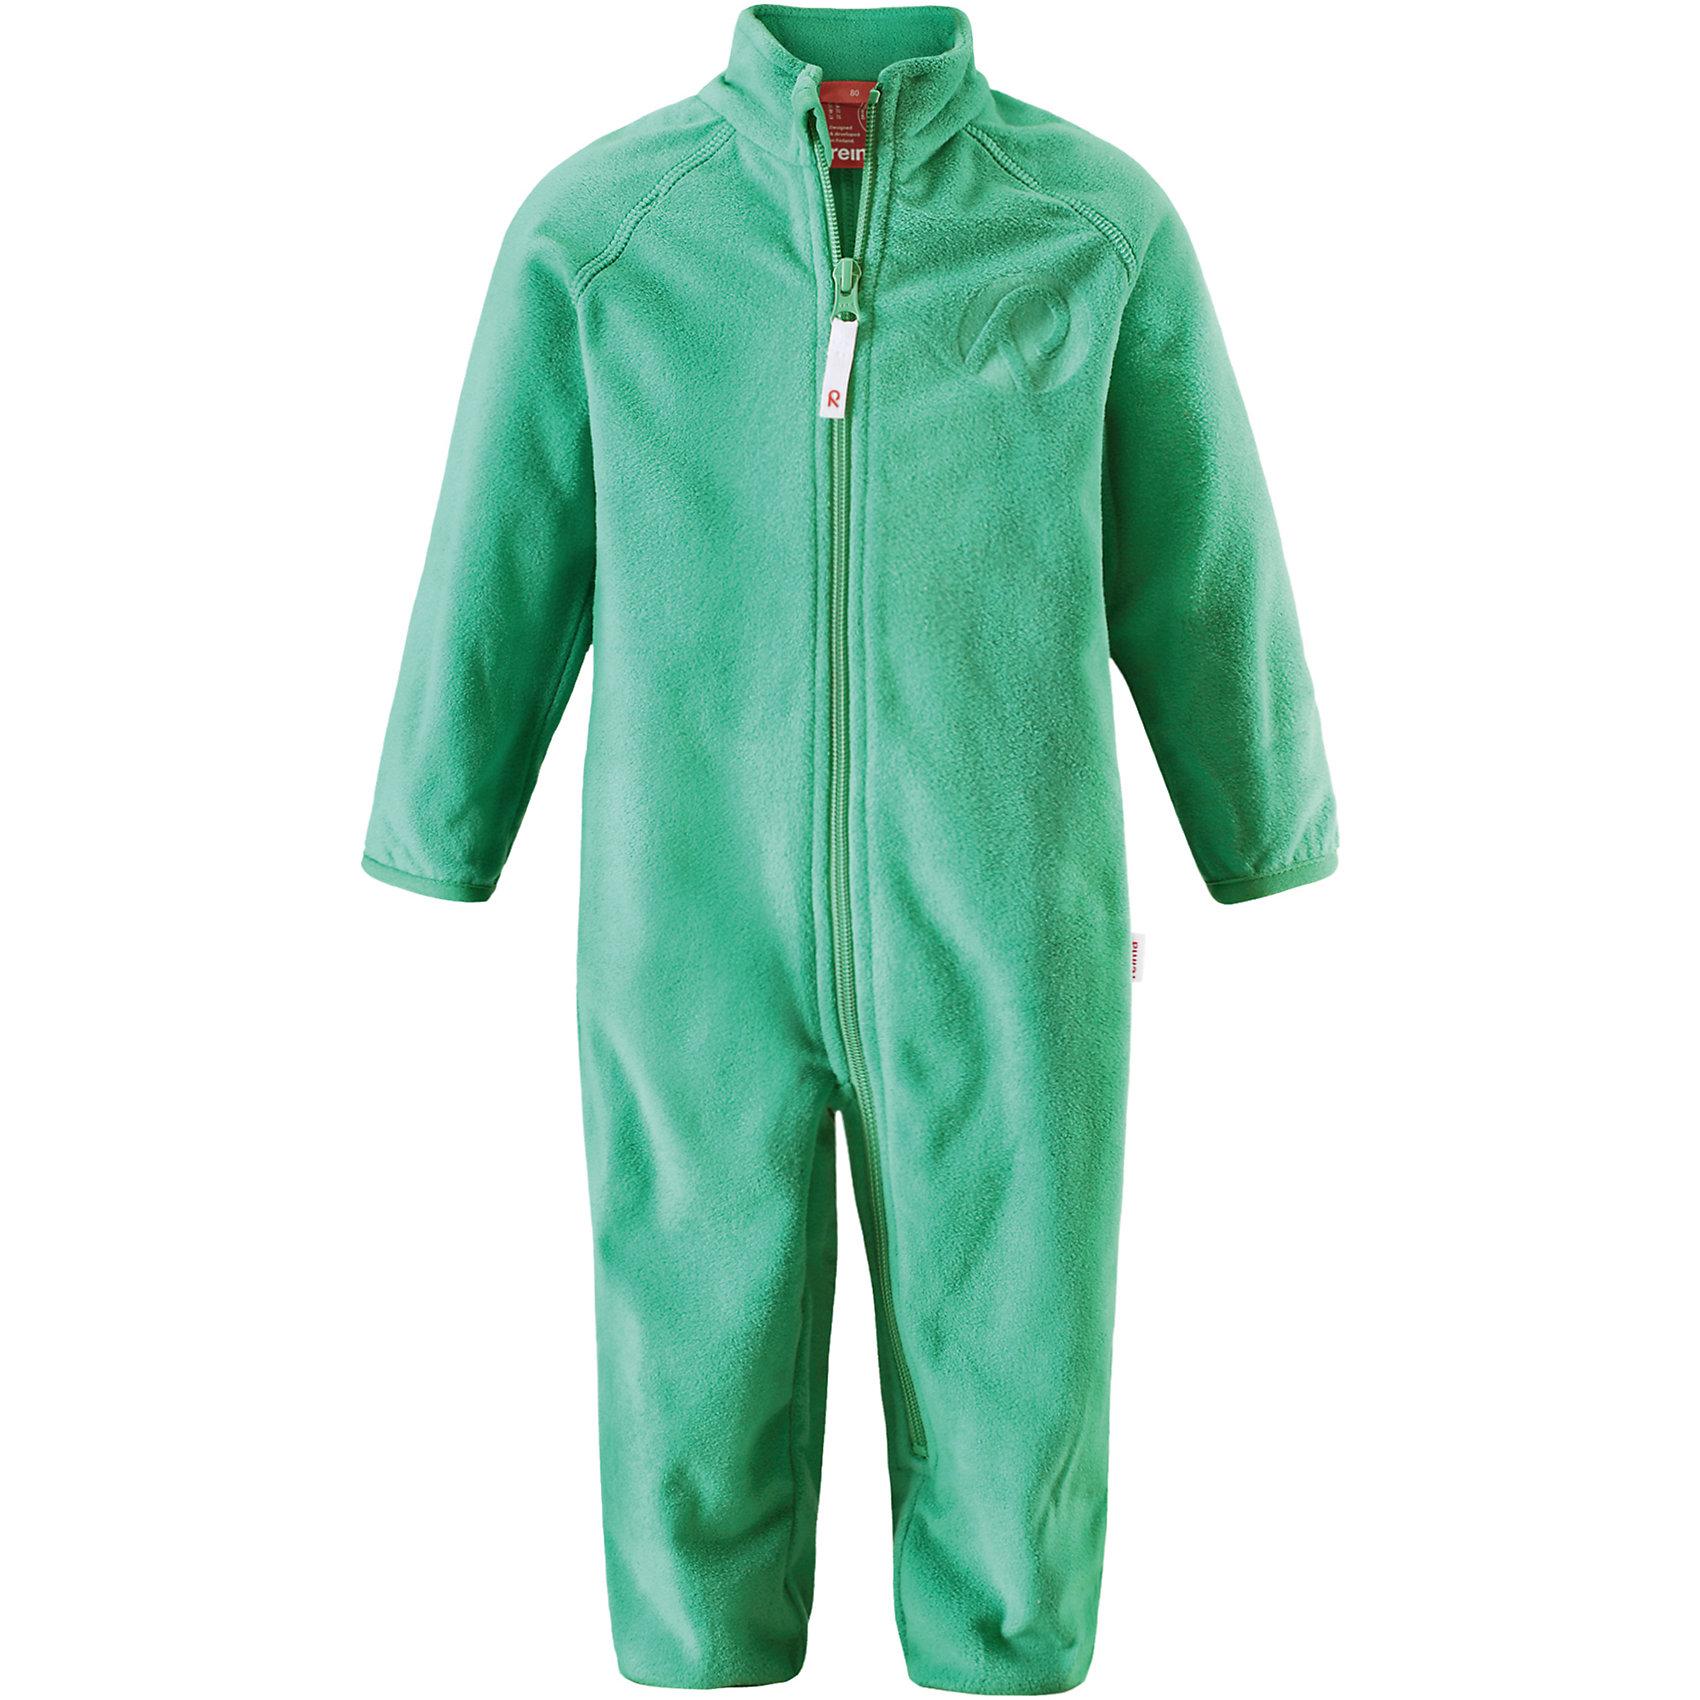 Комбинезон Kiesu ReimaФлис и термобелье<br>Характеристики товара:<br><br>• цвет: зеленый<br>• состав: 100% полиэстер, флис<br>• тёплый, лёгкий и быстросохнущий полярный флис<br>• пристёгивается к верхней одежде Reima с помощью системы кнопок Play Layers<br>• эластичные манжеты на рукавах и брючинах<br>• молния во всю длину со вставкой для защиты подбородка<br>• с отделкой горячим тиснением<br>• комфортная посадка<br>• страна производства: Китай<br>• страна бренда: Финляндия<br>• коллекция: весна-лето 2017<br><br>Одежда для детей может быть теплой и комфортной одновременно! Удобный комбинезон поможет обеспечить ребенку комфорт и тепло. Изделие сшито из флиса - мягкого и теплого материала, приятного на ощупь. Модель стильно смотрится, отлично сочетается с различным низом. Симпатичный дизайн разрабатывался специально для детей.<br><br>Одежда и обувь от финского бренда Reima пользуется популярностью во многих странах. Эти изделия стильные, качественные и удобные. Для производства продукции используются только безопасные, проверенные материалы и фурнитура. Порадуйте ребенка модными и красивыми вещами от Reima! <br><br>Комбинезон от финского бренда Reima (Рейма) можно купить в нашем интернет-магазине.<br><br>Ширина мм: 190<br>Глубина мм: 74<br>Высота мм: 229<br>Вес г: 236<br>Цвет: зеленый<br>Возраст от месяцев: 6<br>Возраст до месяцев: 9<br>Пол: Унисекс<br>Возраст: Детский<br>Размер: 74,98,68,80,86,92<br>SKU: 5271289